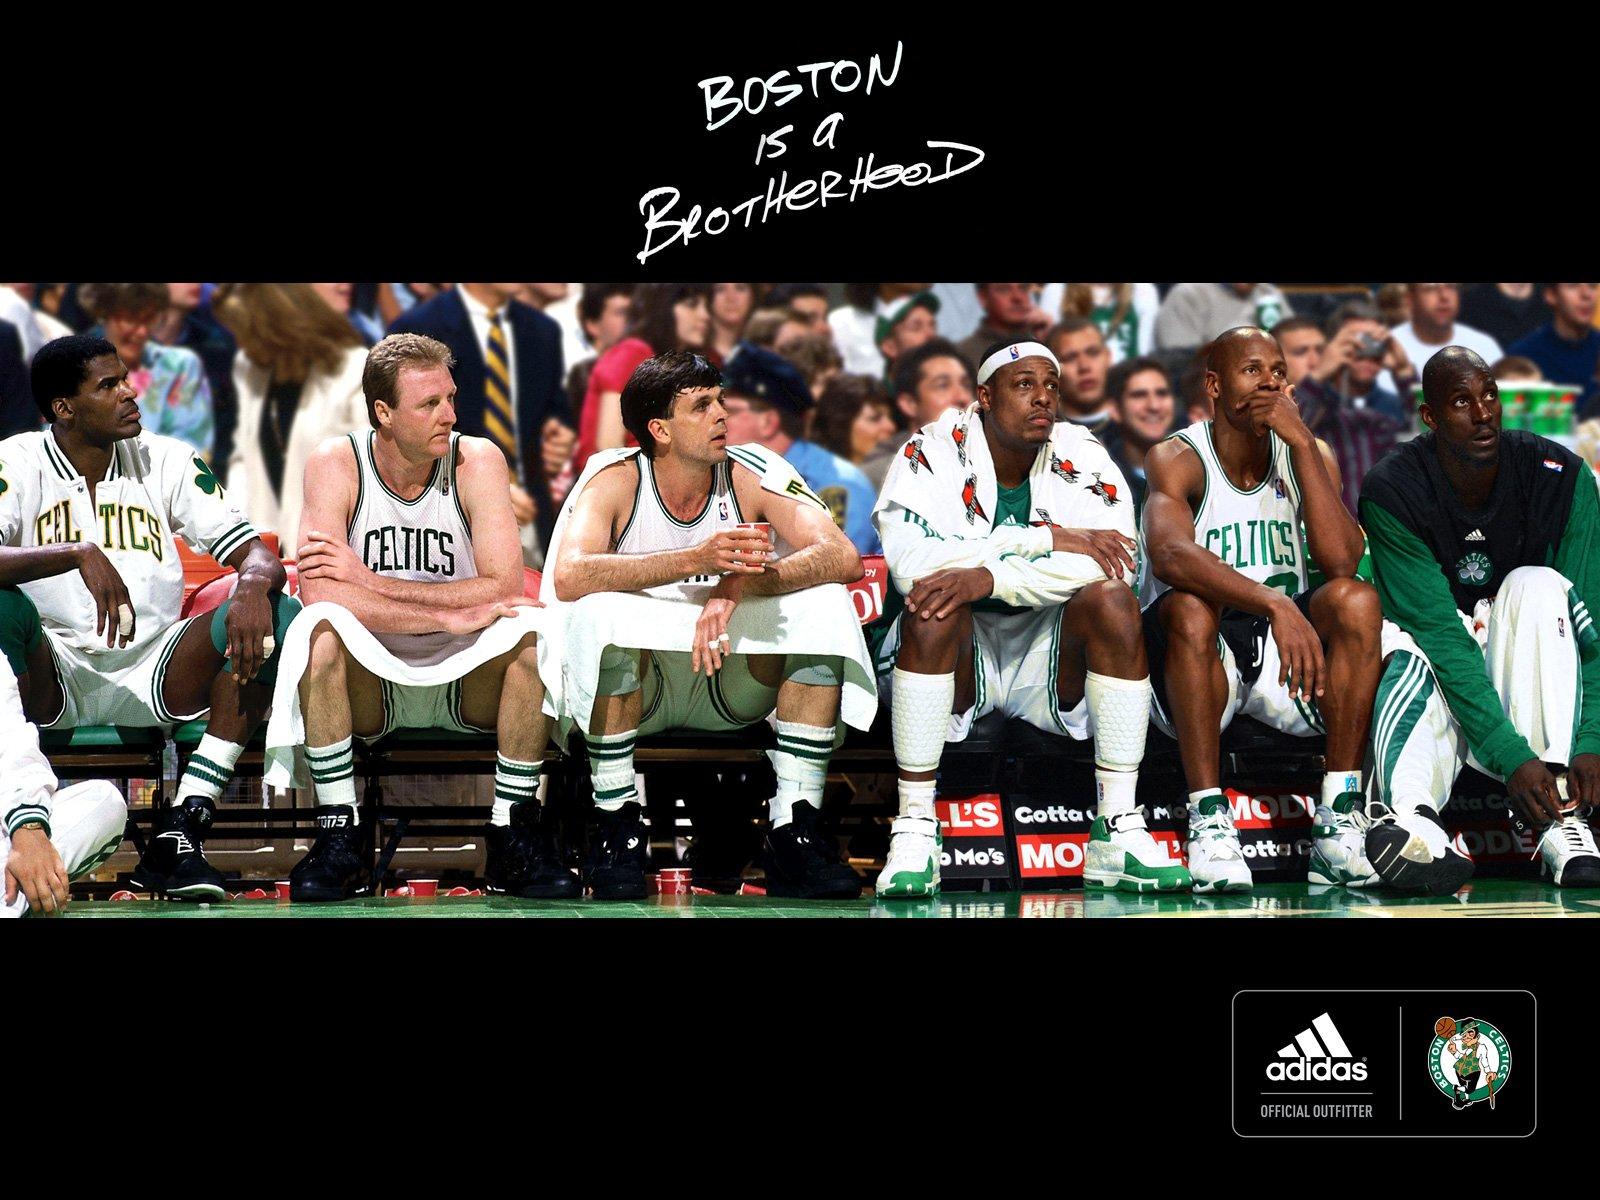 Boston Sports Wallpapers: Boston Sports Teams Wallpapers (40 Wallpapers)